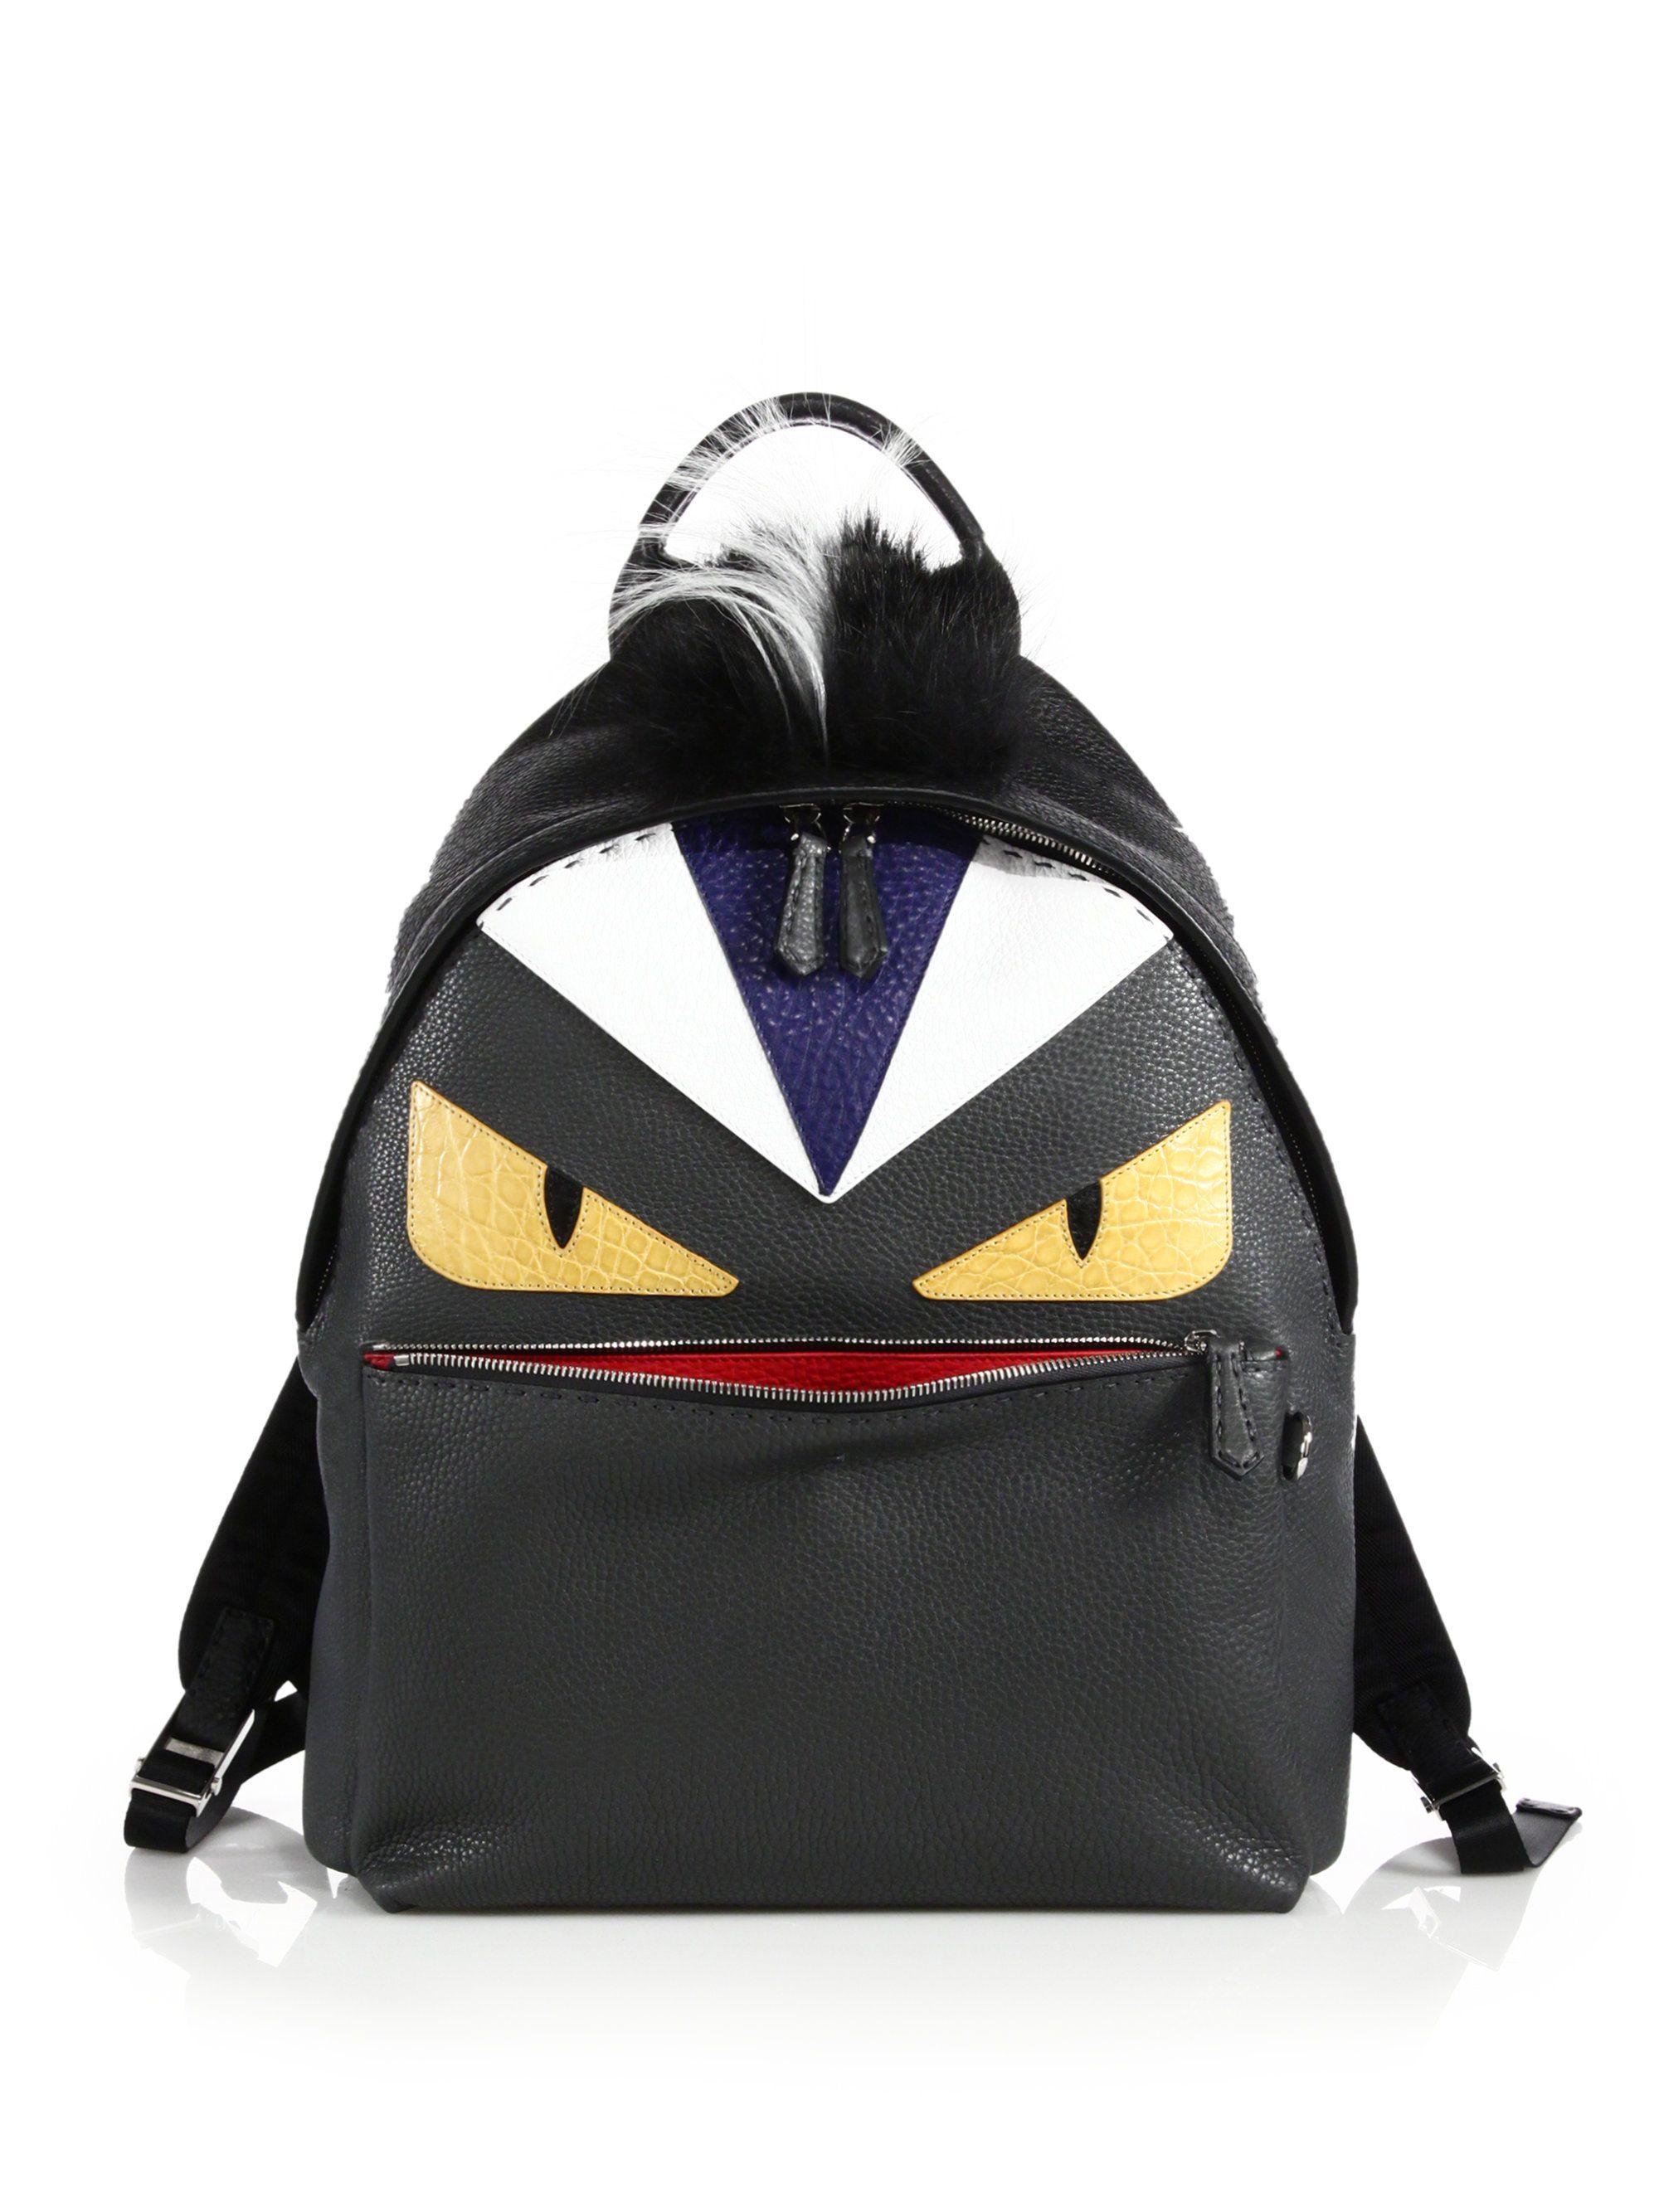 Fendi Leather Monster Backpack  5293   Later   Pinterest   Fendi ... 3dda1e6b744